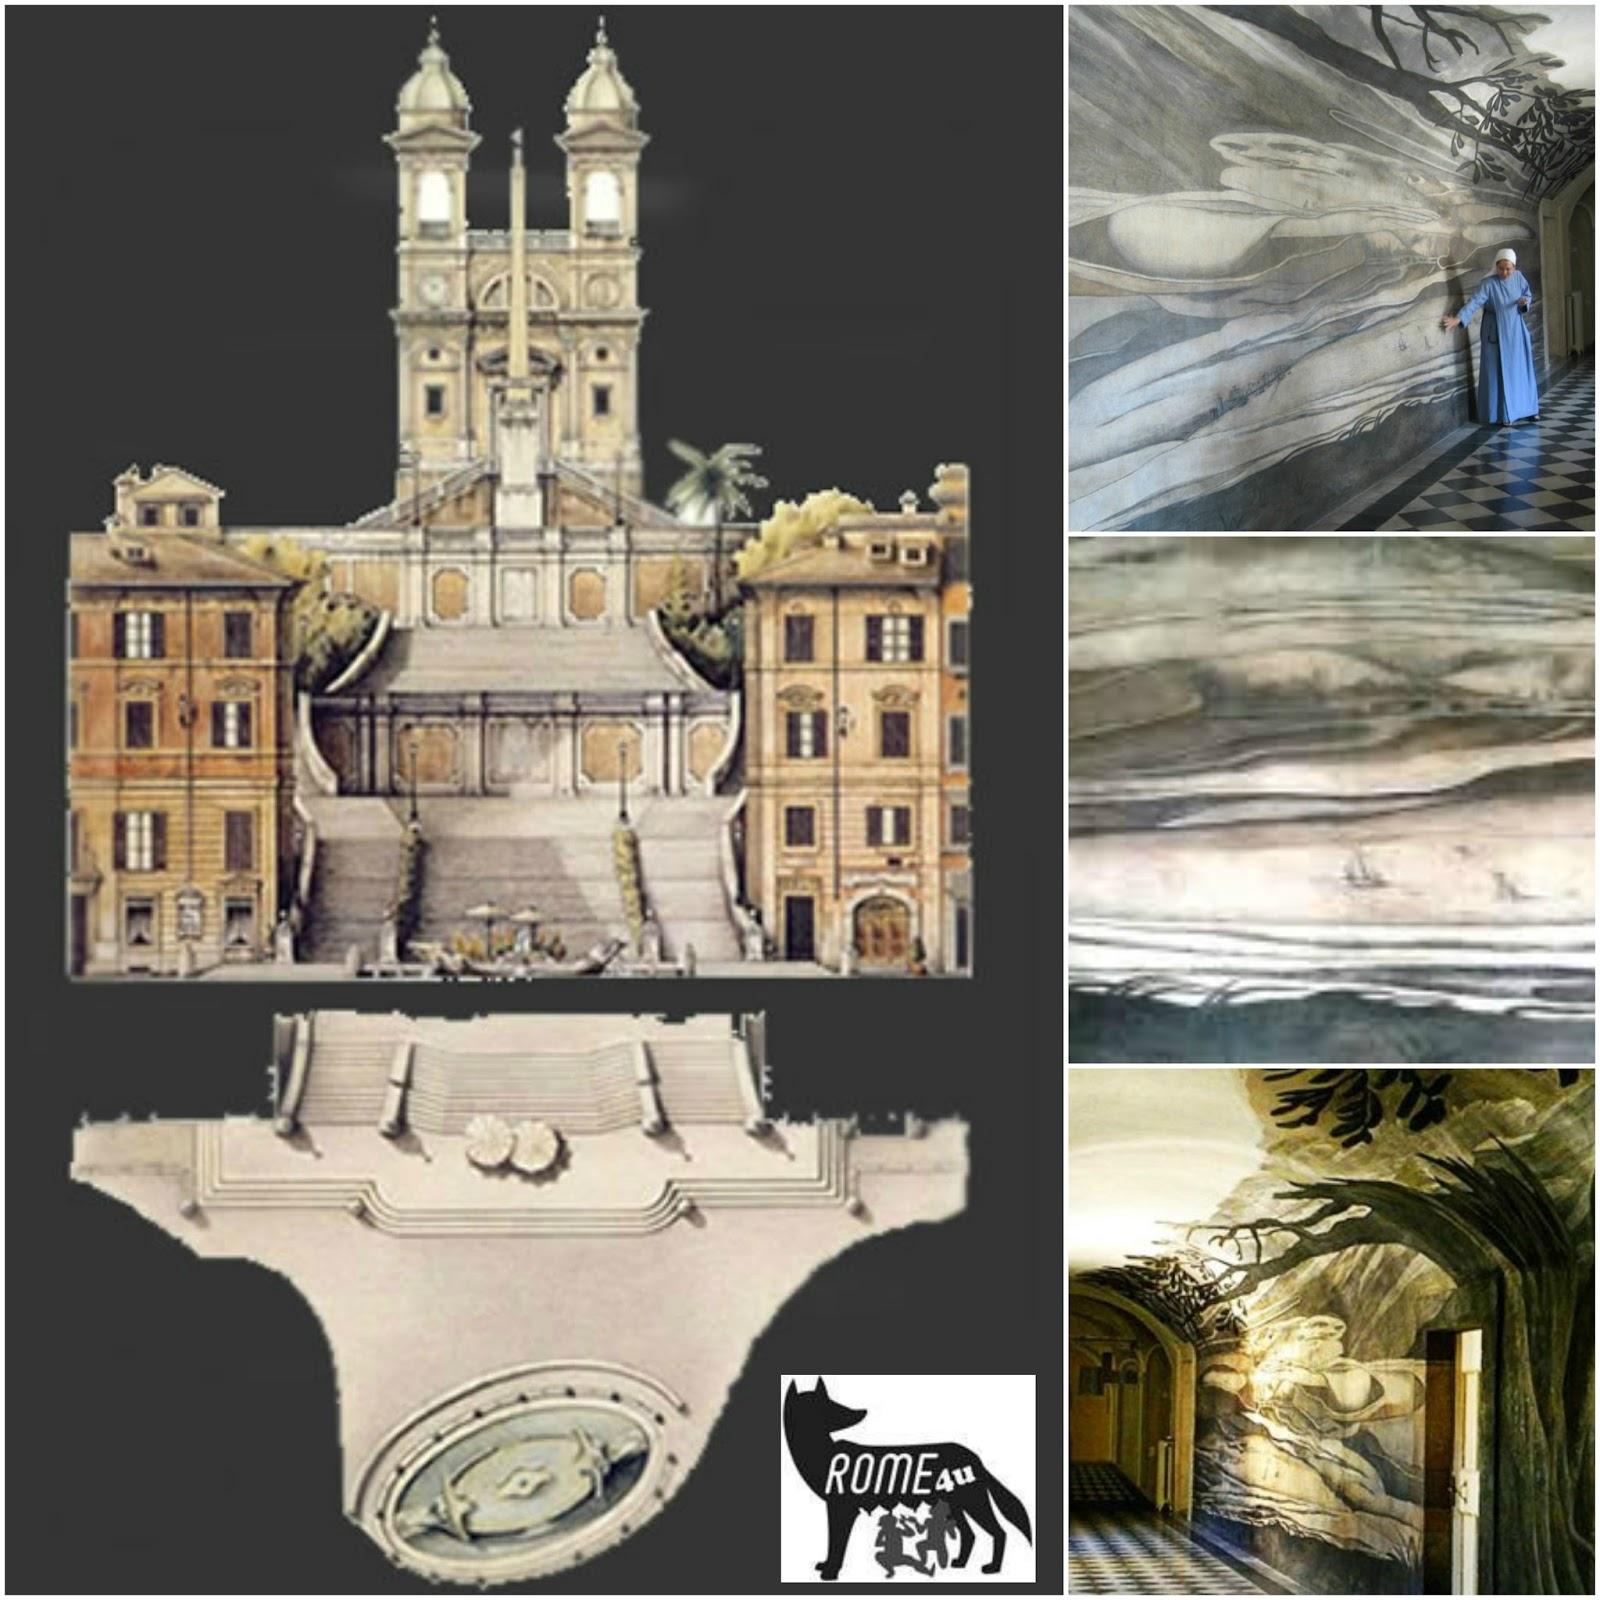 Sabato 17/11/18, h 10.30 - Visita guidata - Illusioni prospettiche, anamorfosi criptiche e segreti incanti di Trinità dei Monti